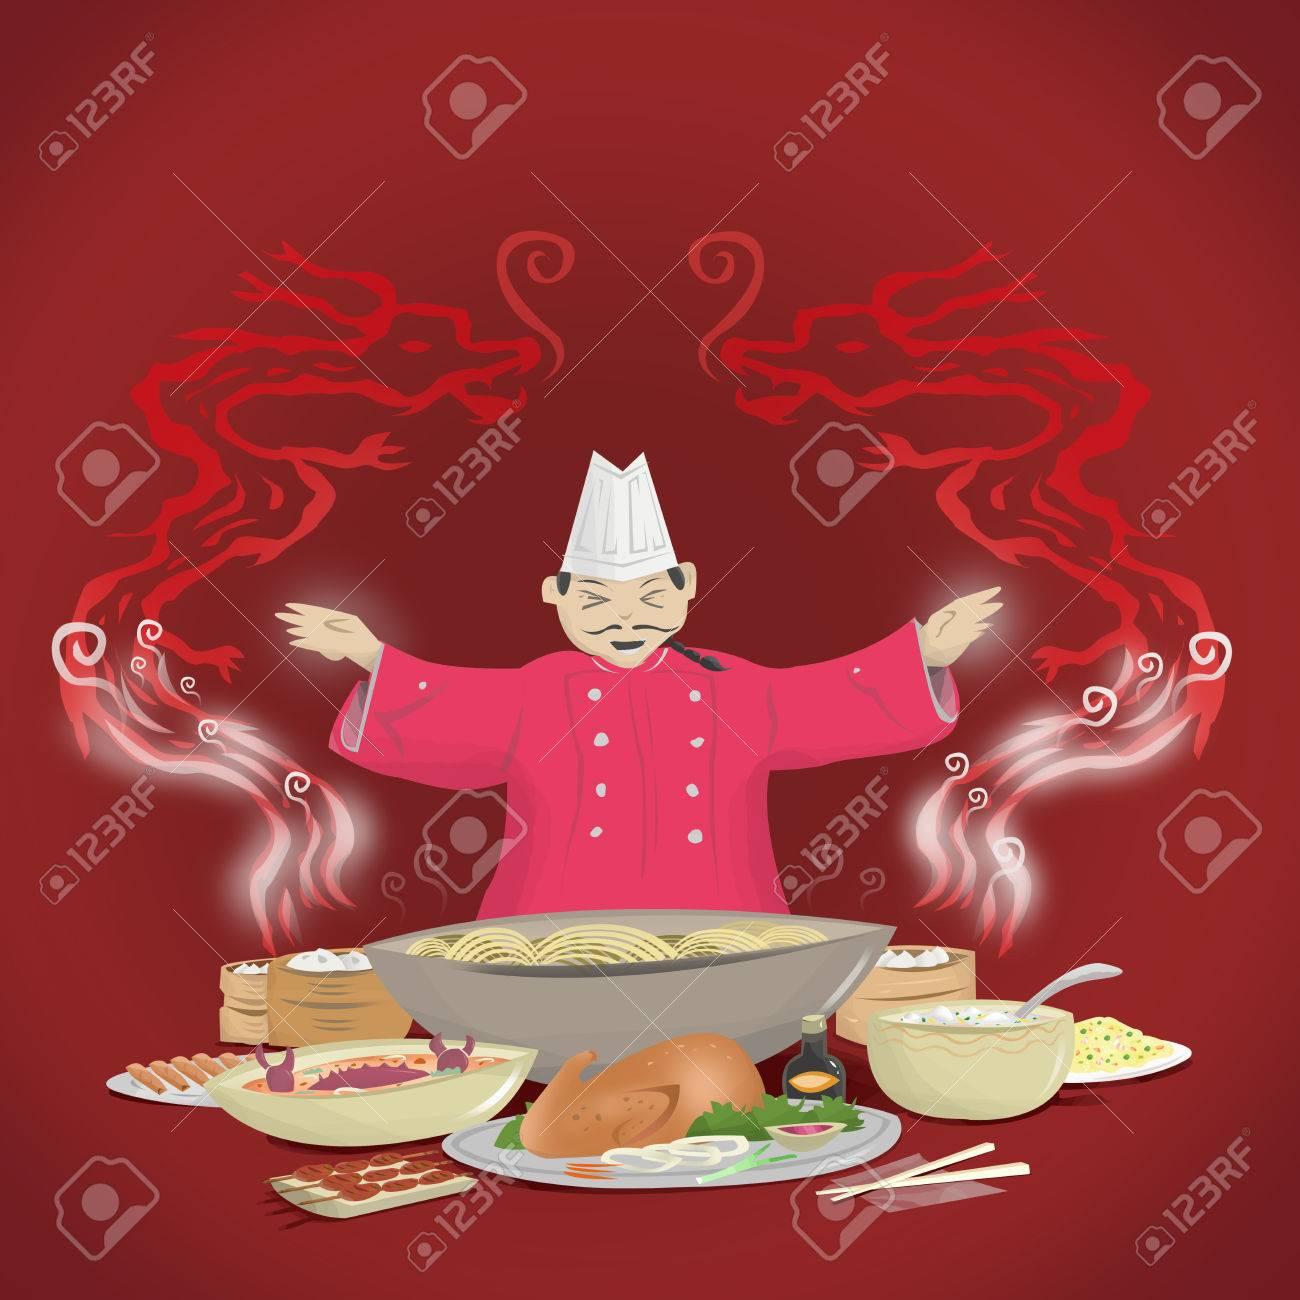 Chinesische Küche Und Küchenchef Mit Drachen Rauch. Lizenzfreie ...